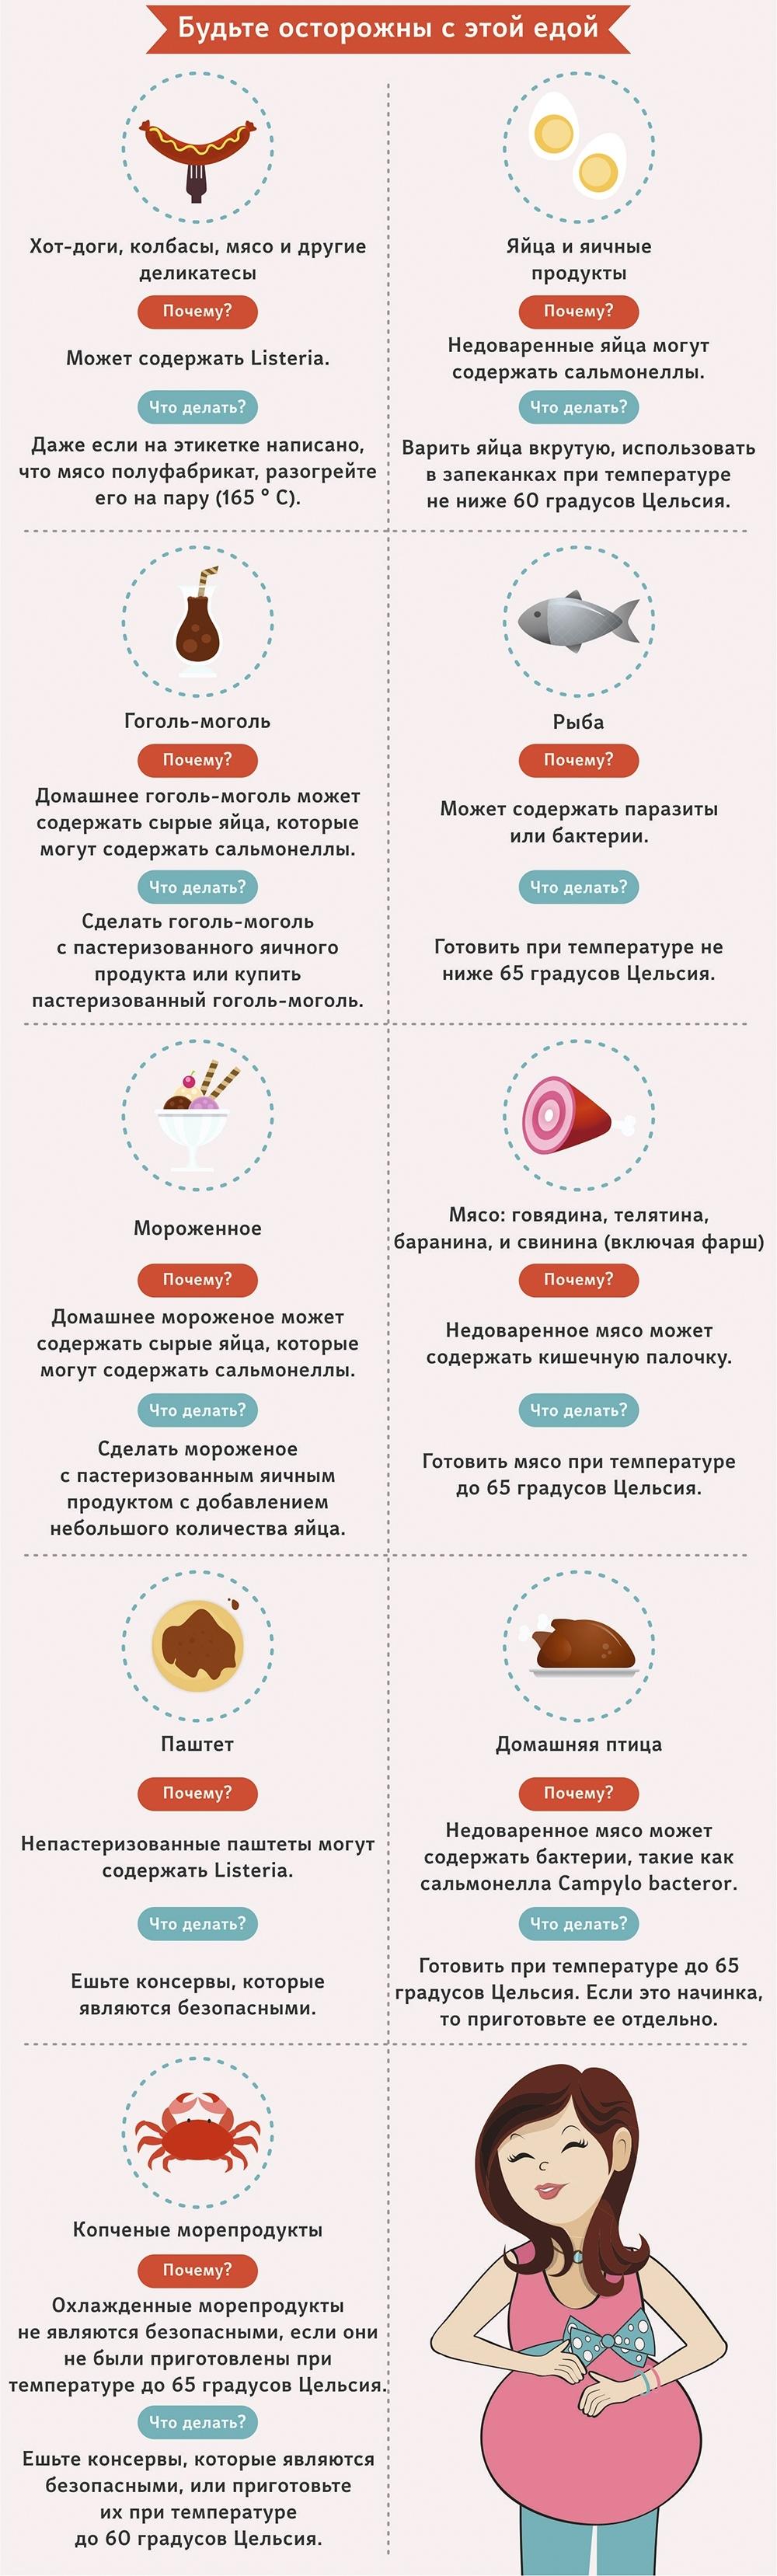 Беременность по неделям (1 триместр)